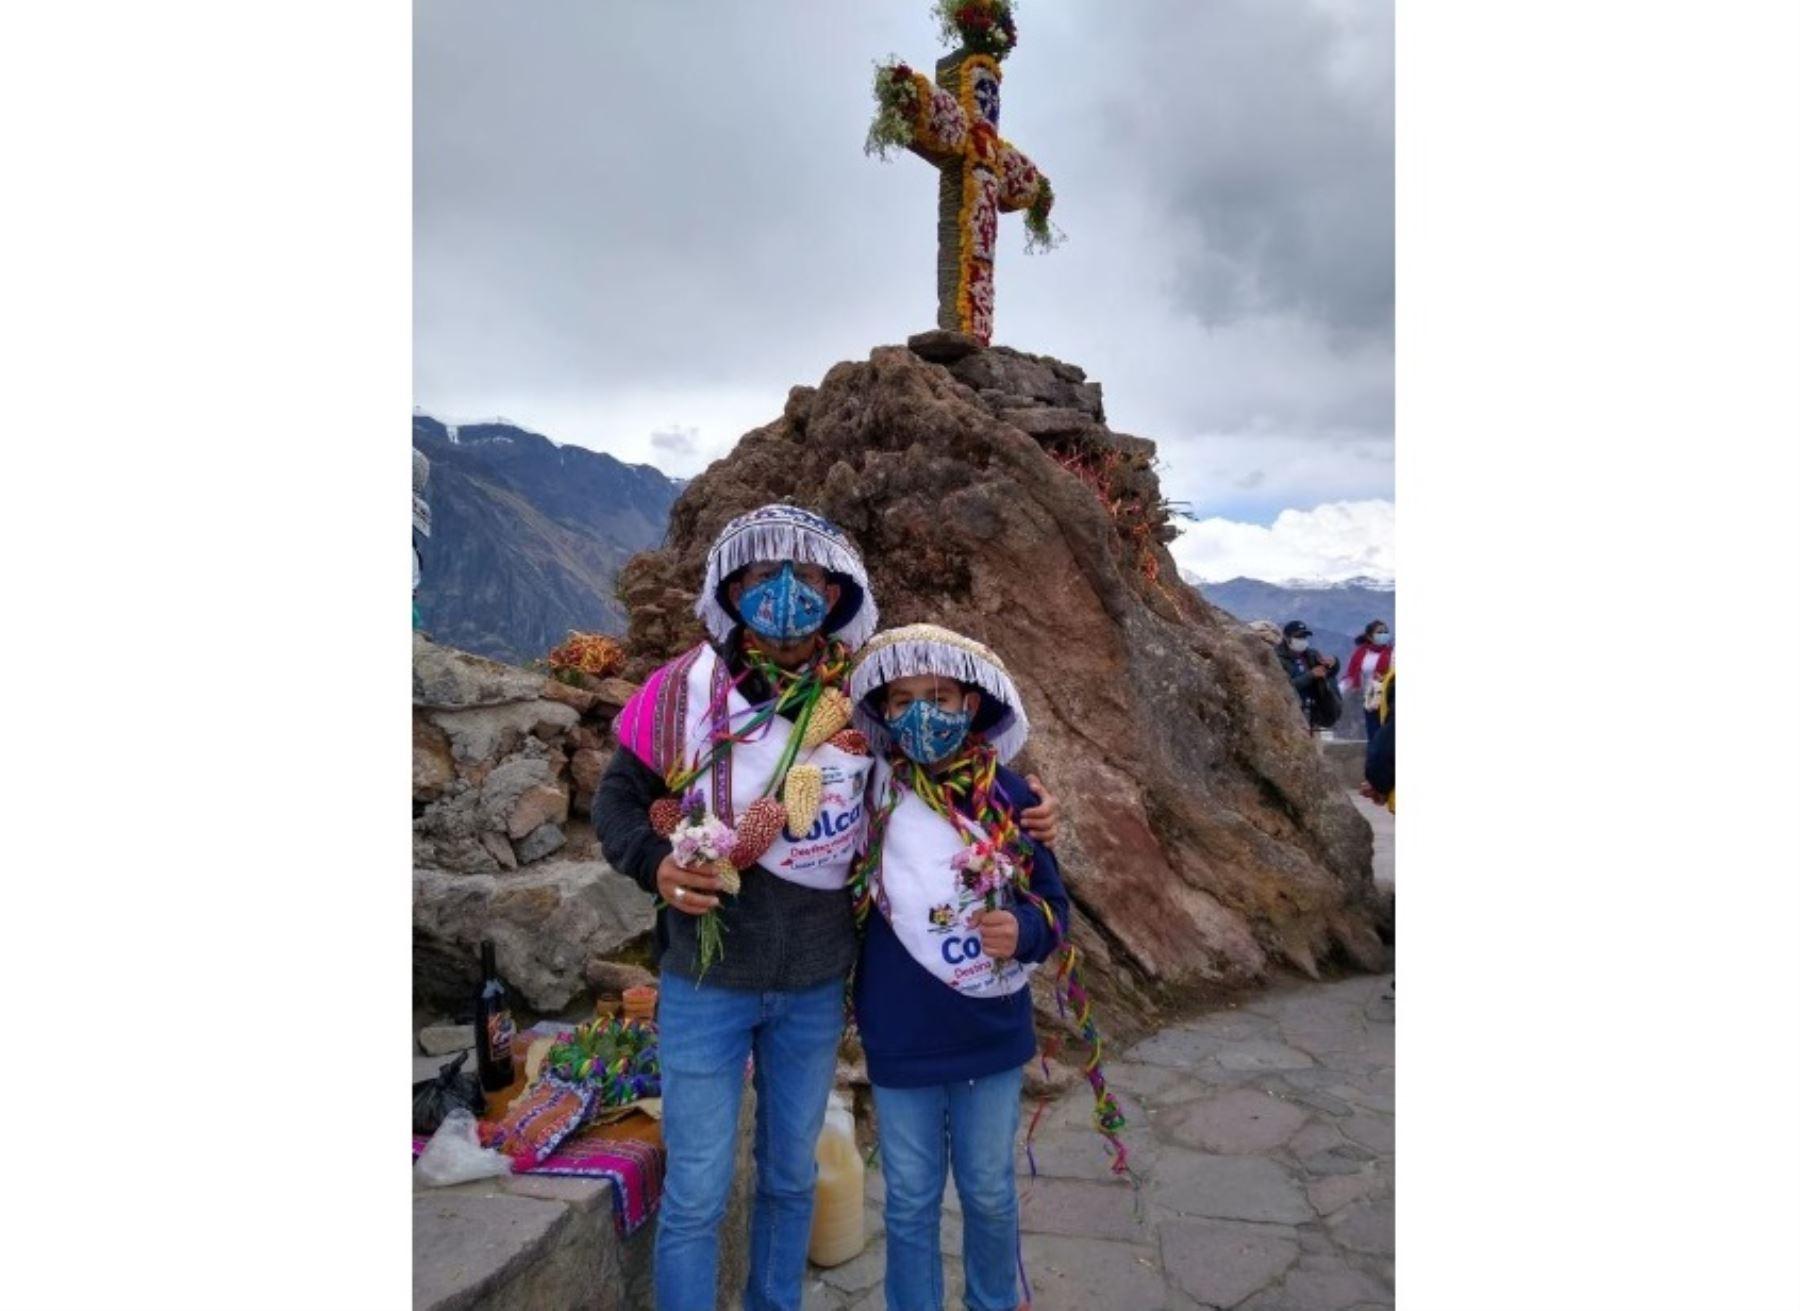 Rudy Estremadoyro Mejía y Bastian Estremadoyro, padre e hijo, respectivamente, se convirtieron en los primeros turistas que visitaron el valle del Colca, en Arequipa, tras la reapertura de los destinos turísticos pospandemia de covid-19.